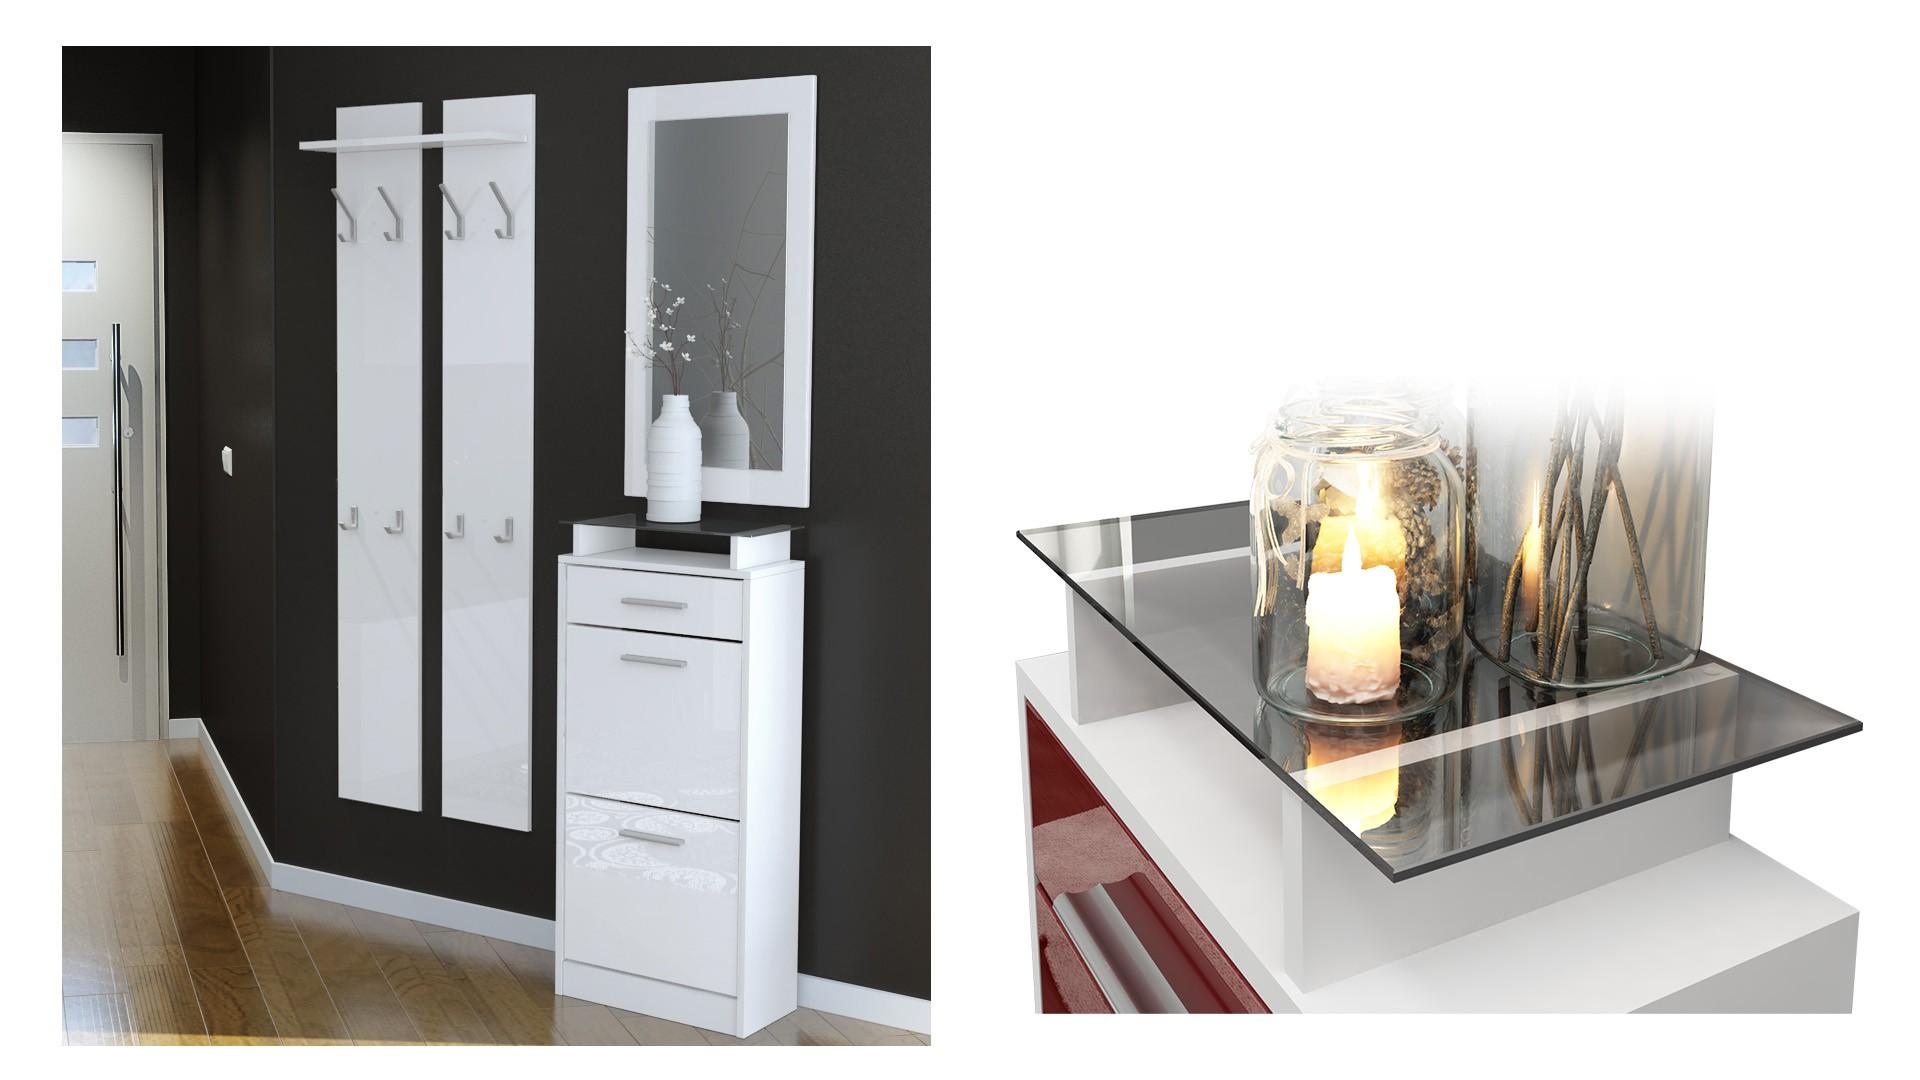 Ensemble De Hall D Entree Laque Design Noir Et Blanc Pour Meubles D